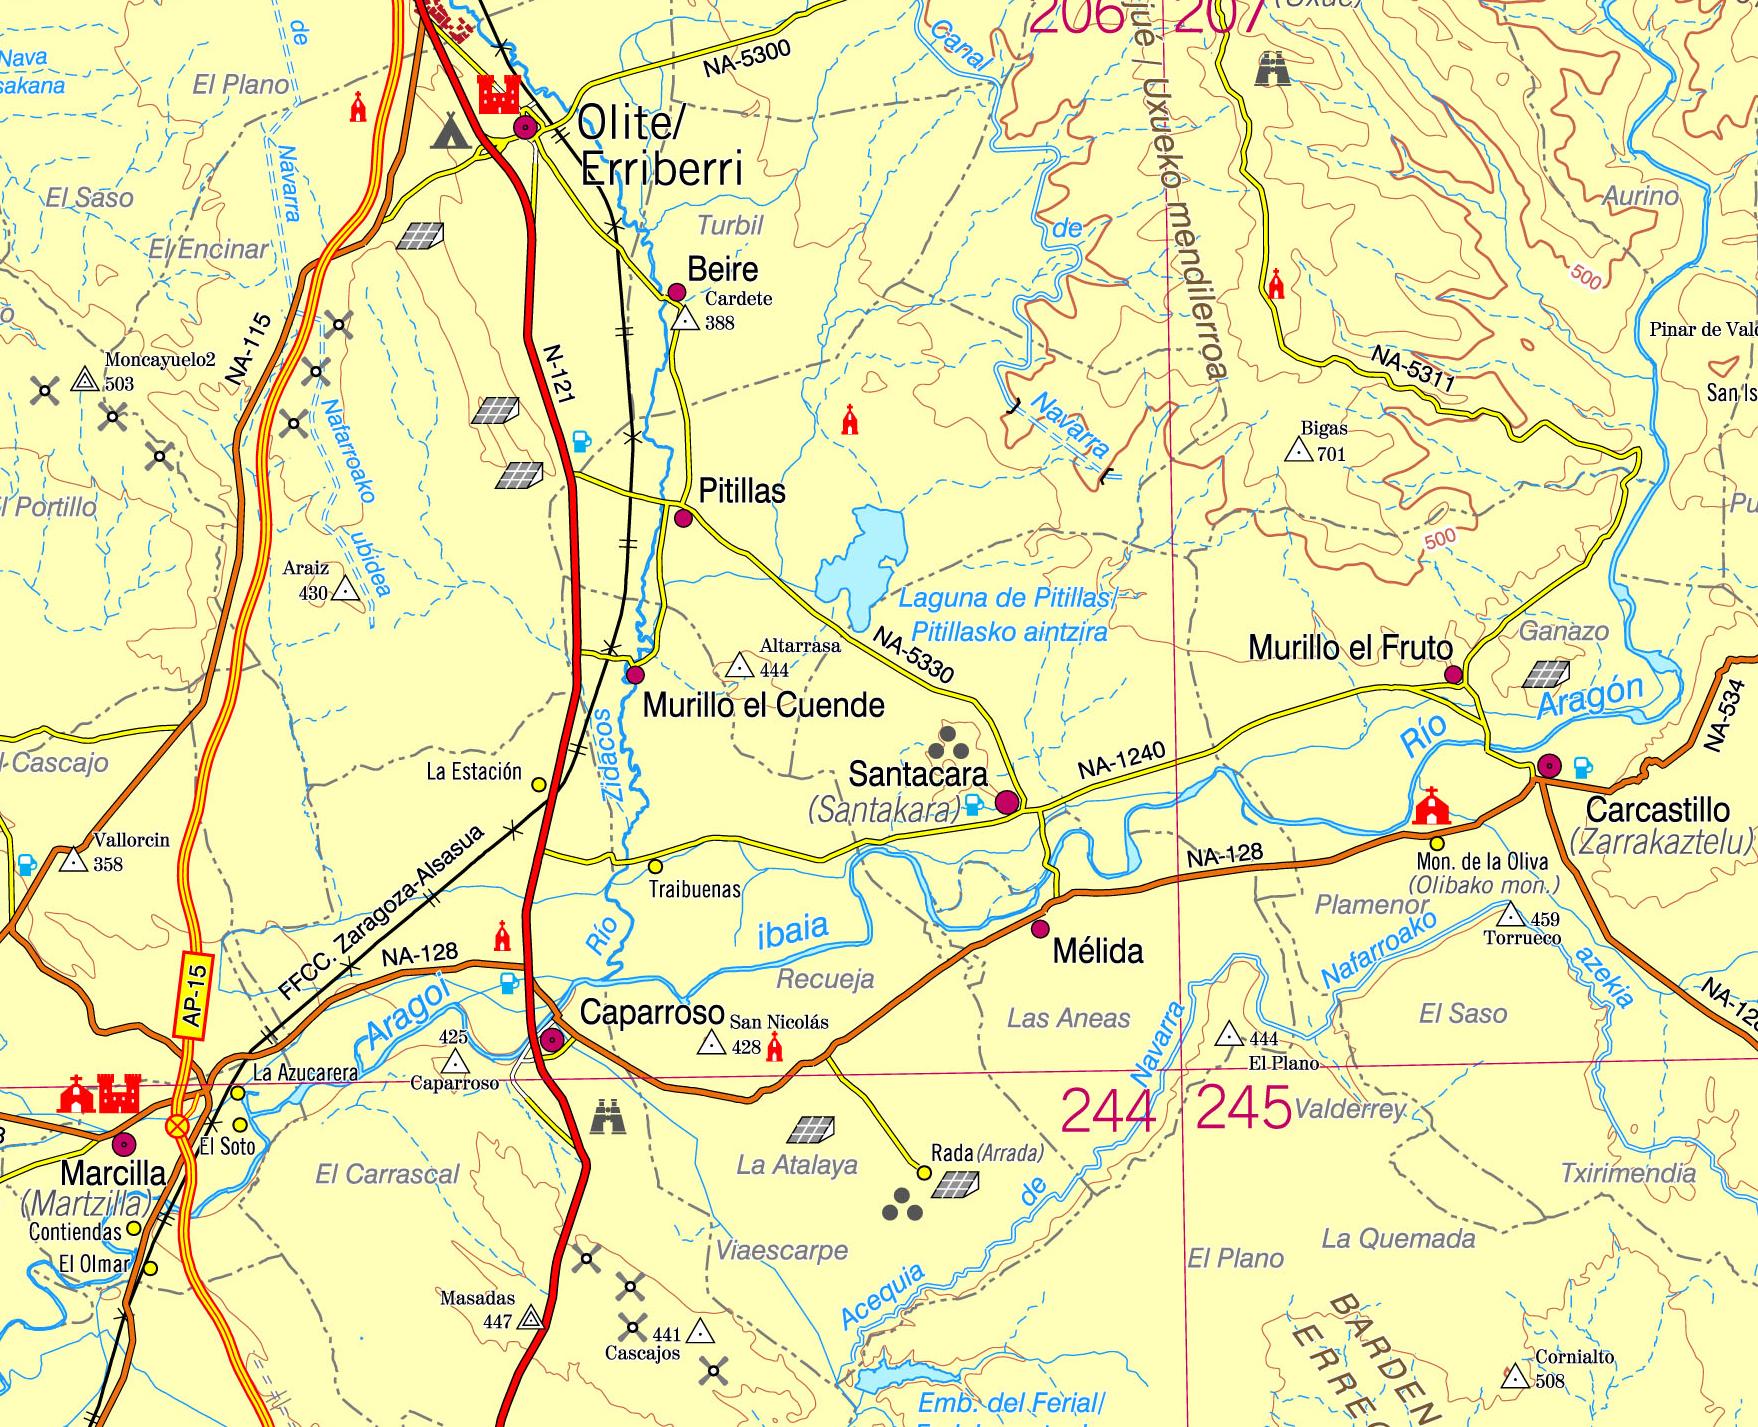 Actualizados Los Mapas Topogr Ficos De Navarra A Peque A